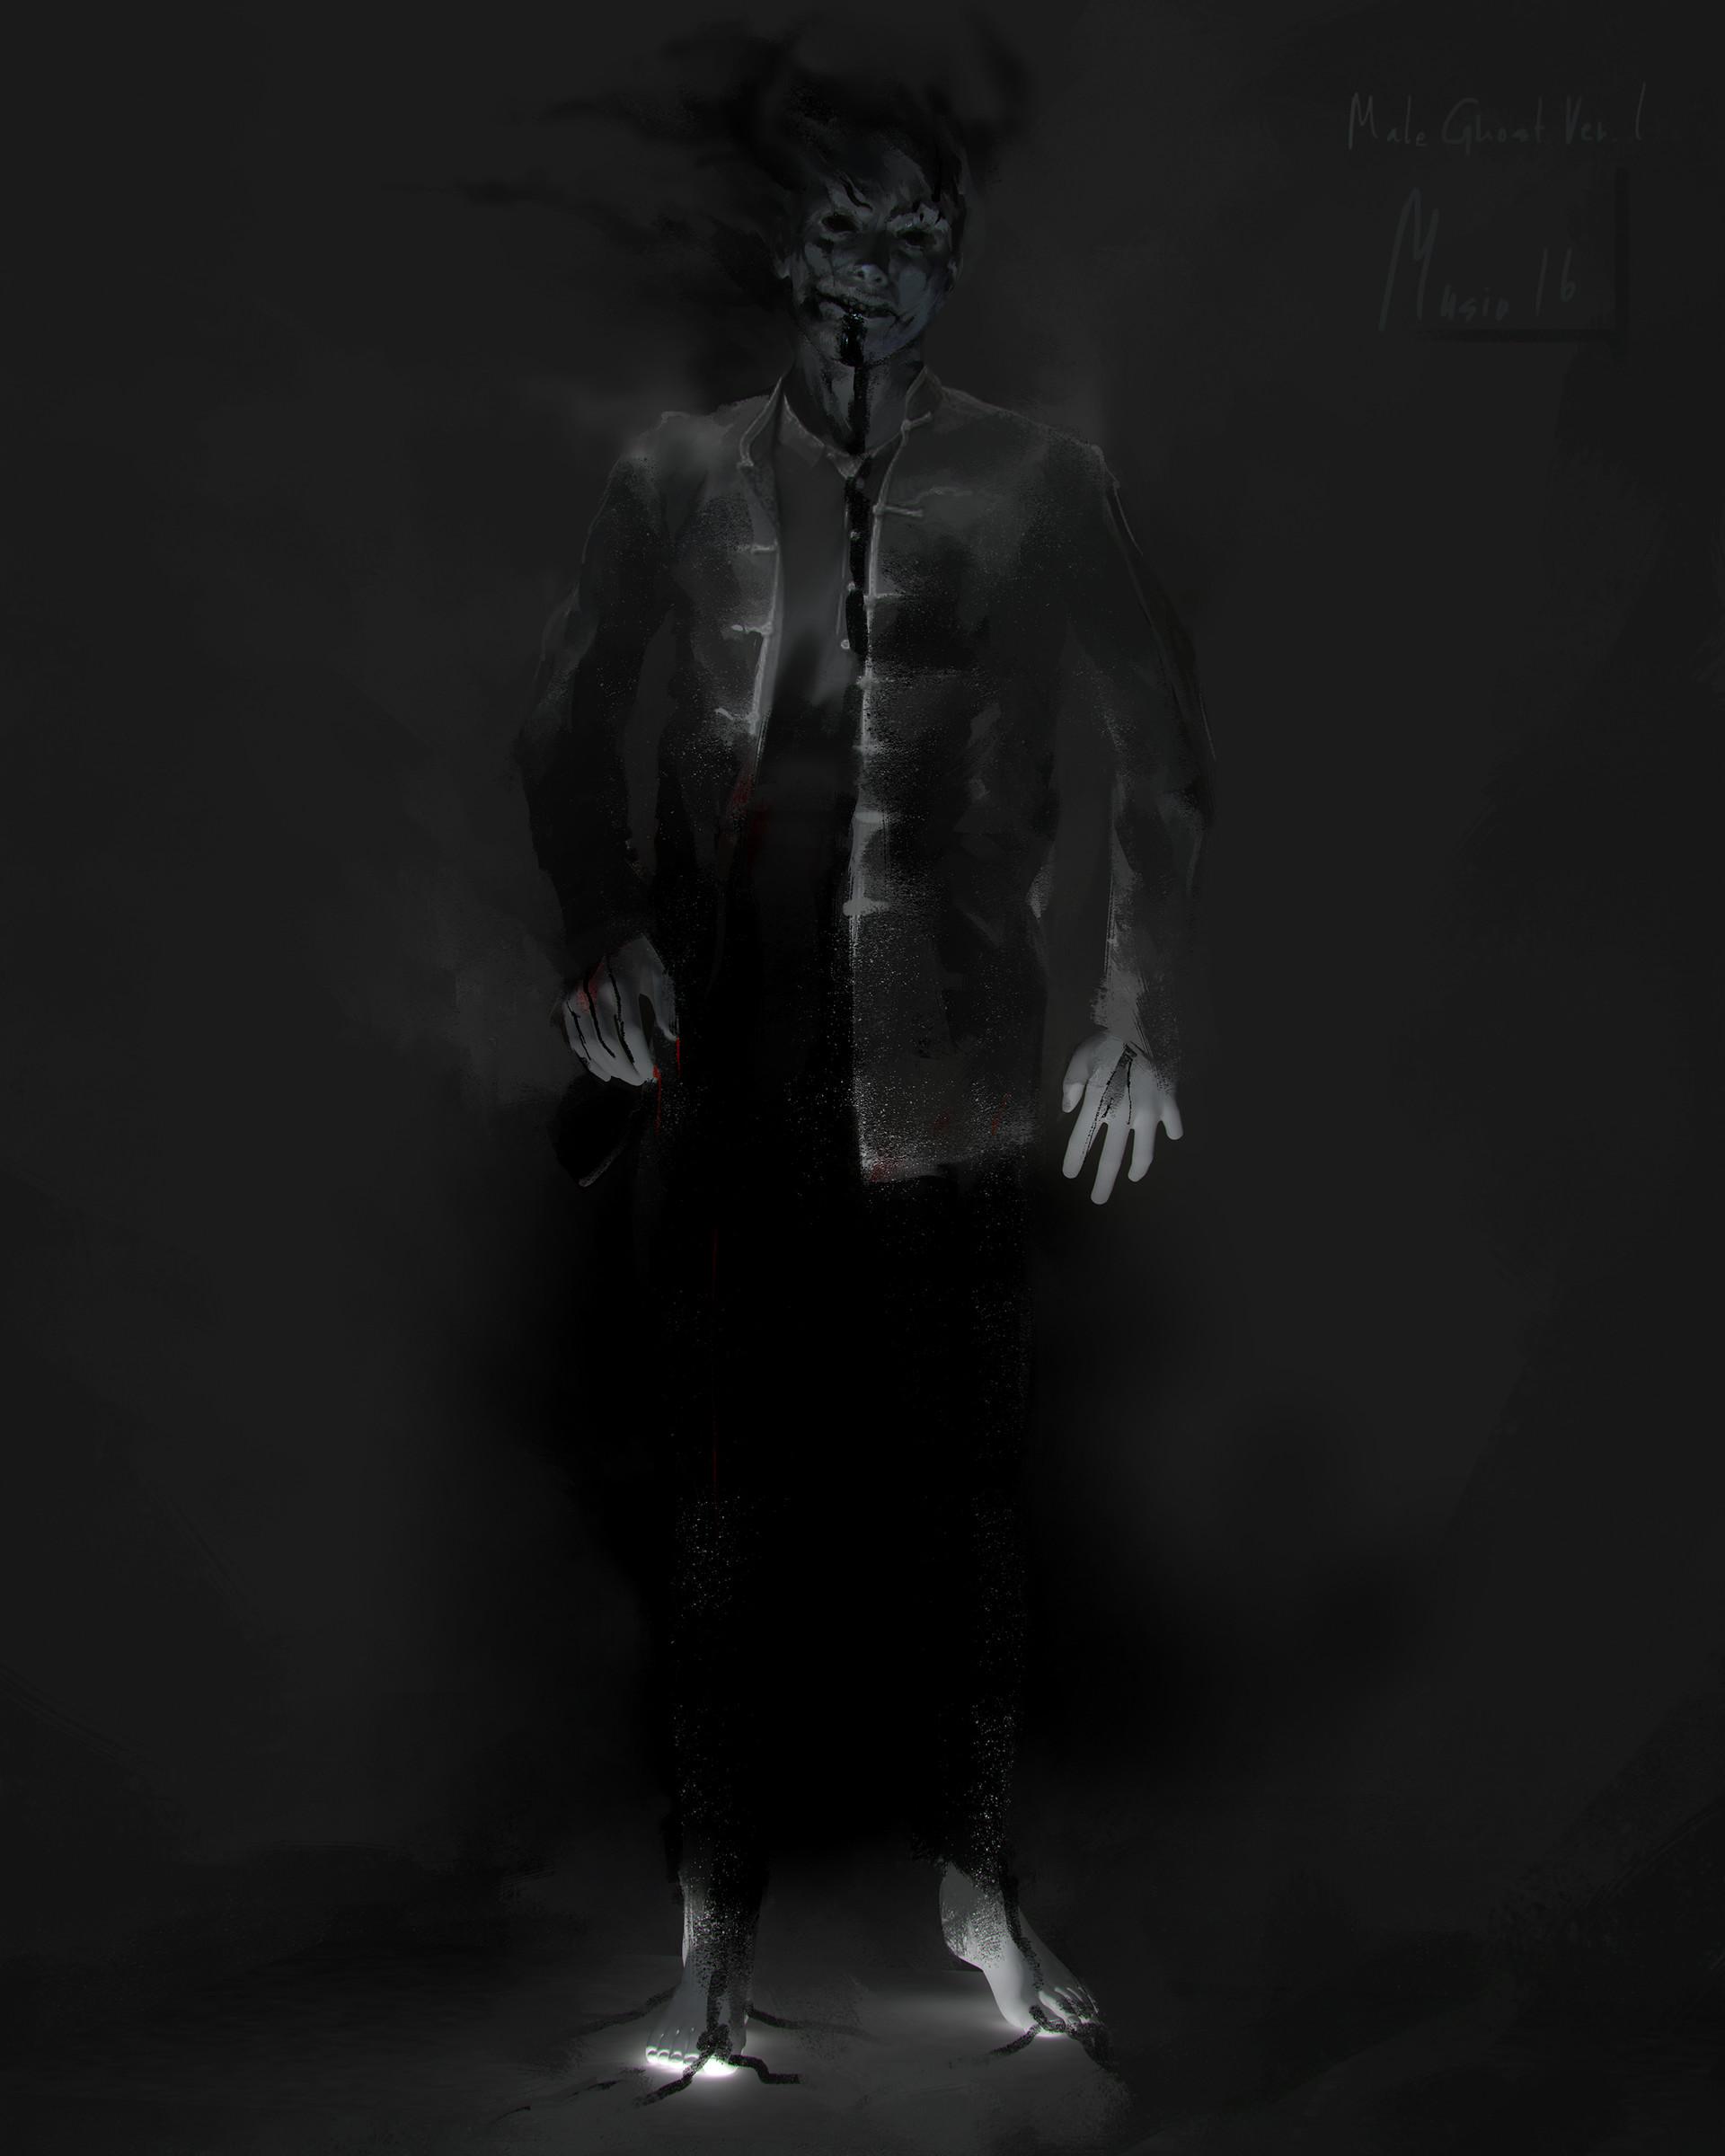 Sergey musin ghosts maleghost conceptart ver1 2